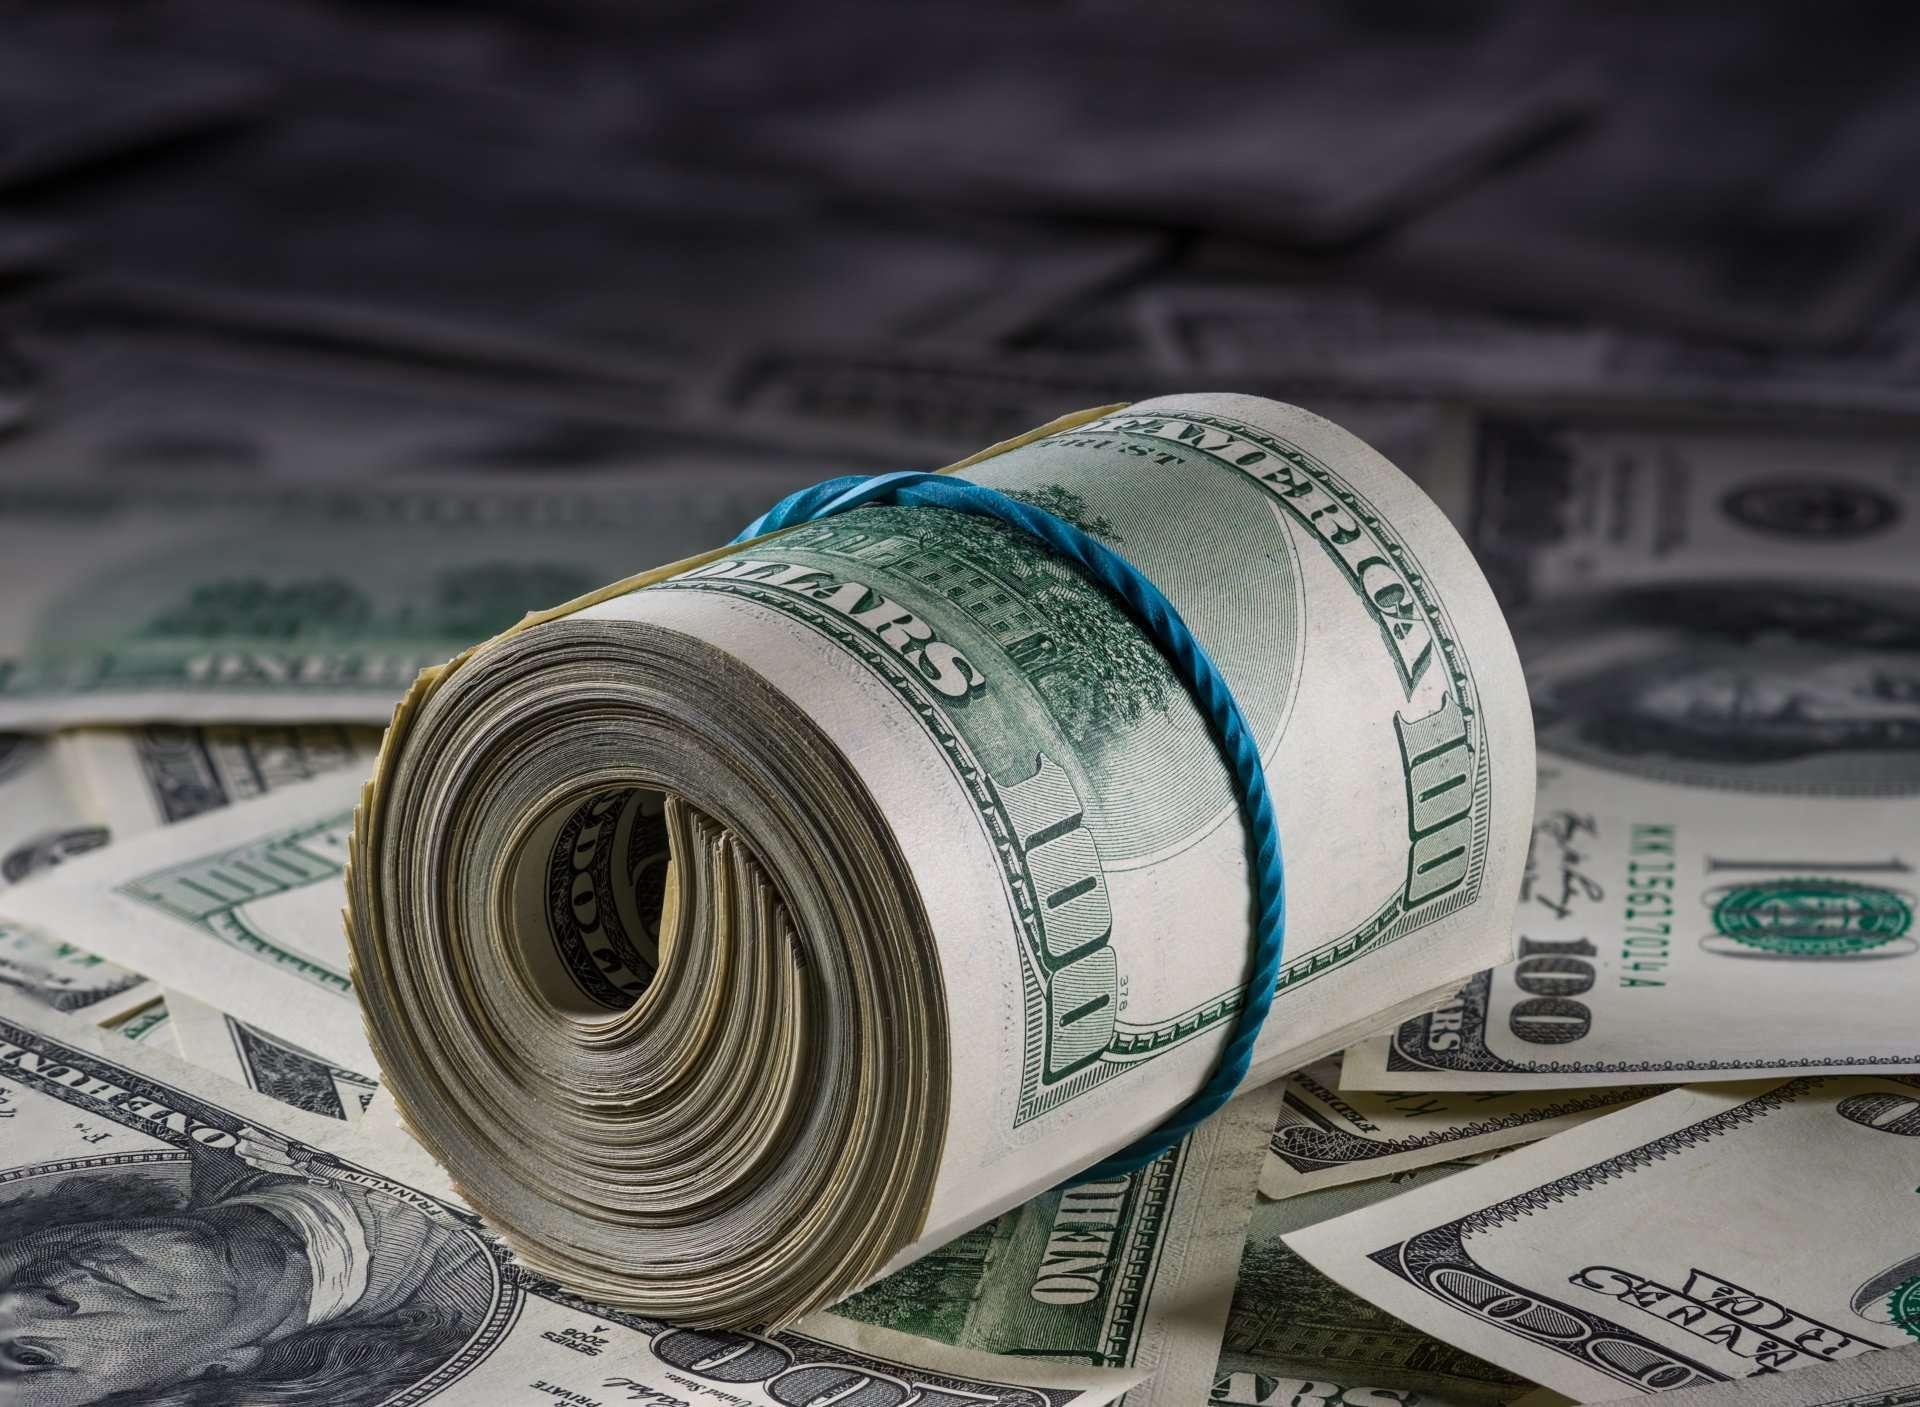 سقوط قیمت دلار به کانال ۲۰ هزار تومان/ دلارهای خانگی بدون خریدار/ آیا وعده دلار ۱۵ هزار تومانی رئیس جمهور محقق میشود؟